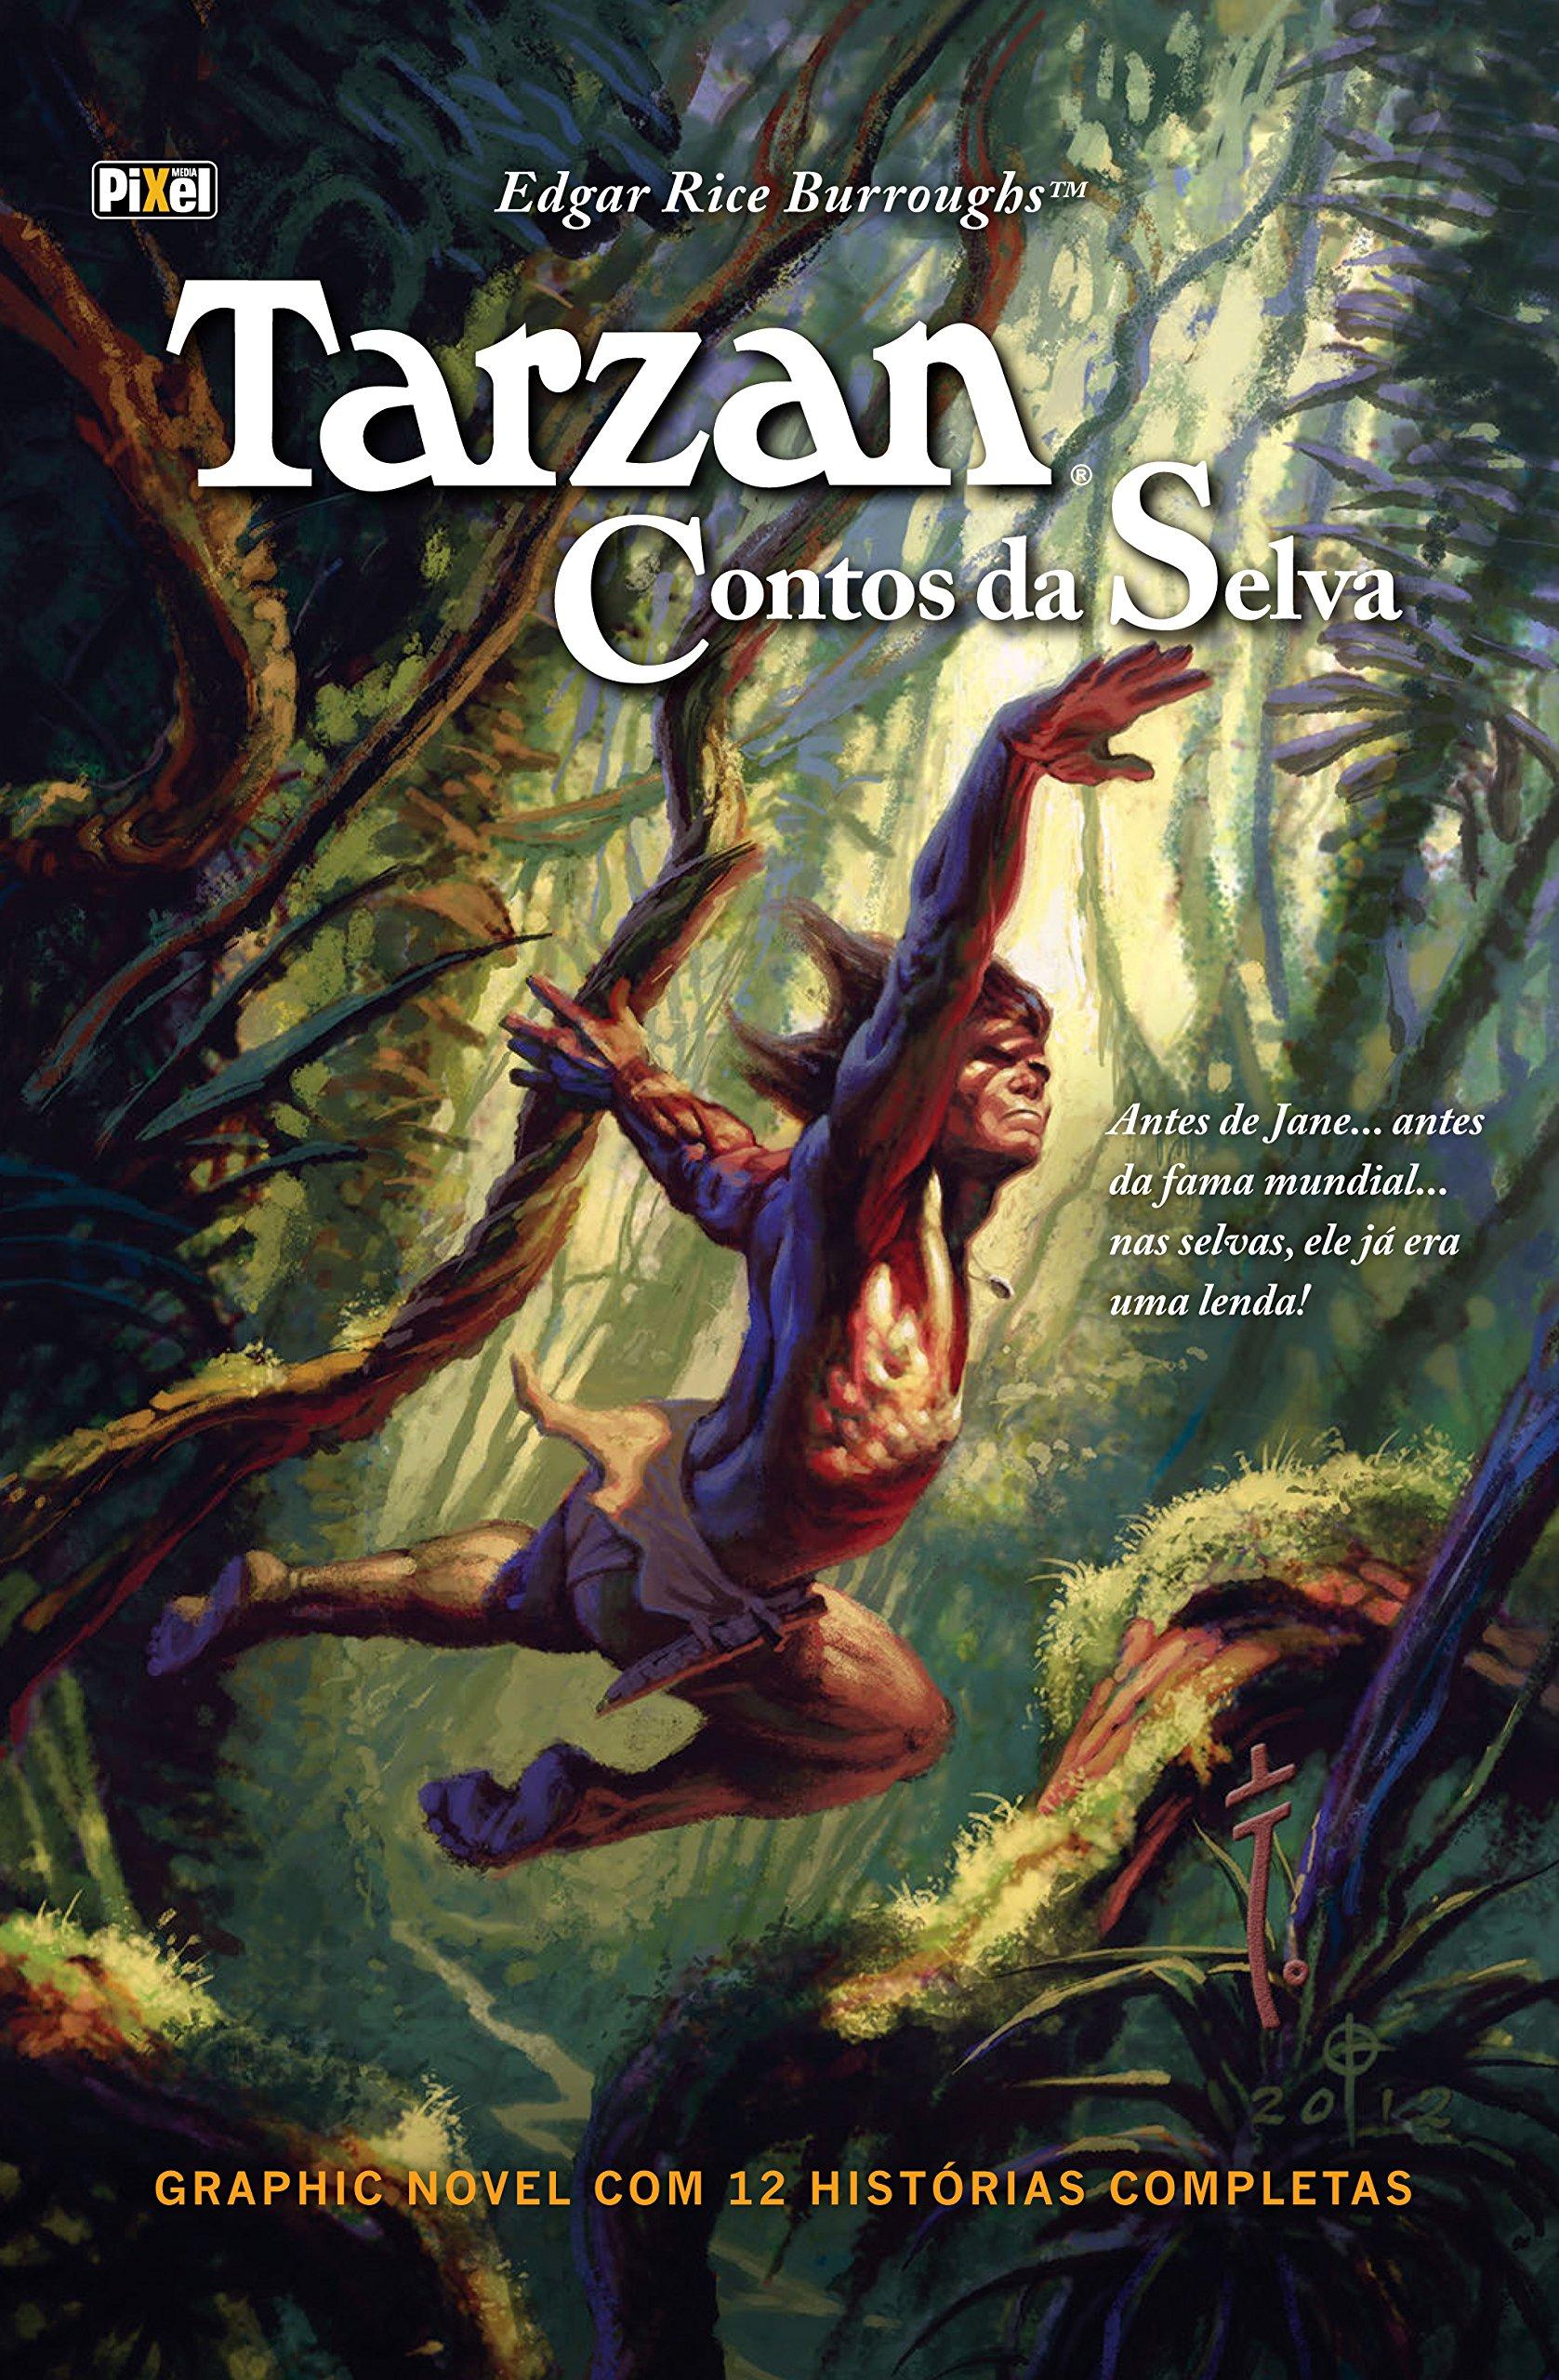 Resenha | Tarzan: Contos da Selva